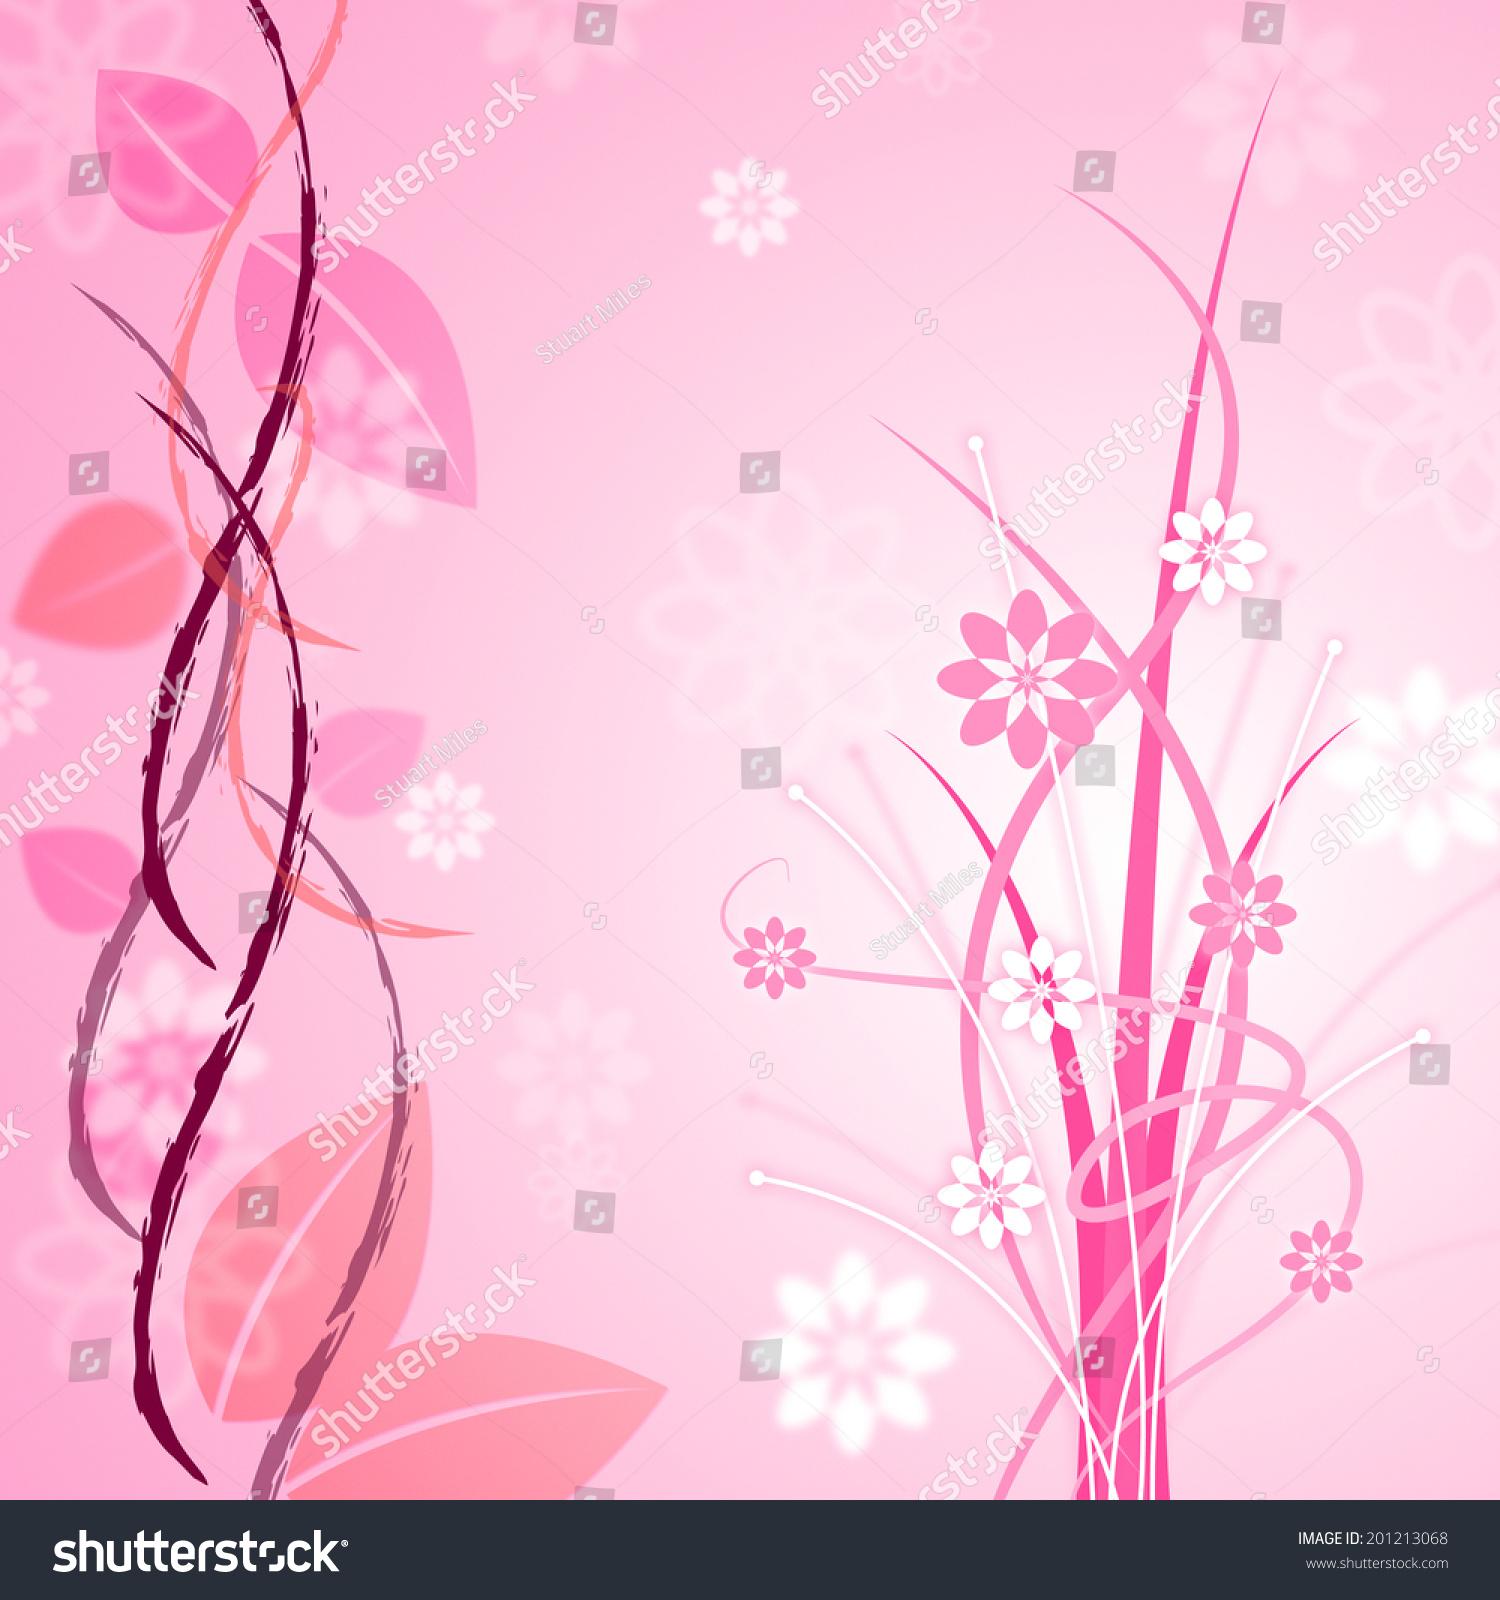 Background Floral Meaning Pink Backdrop Flower Stock Illustration